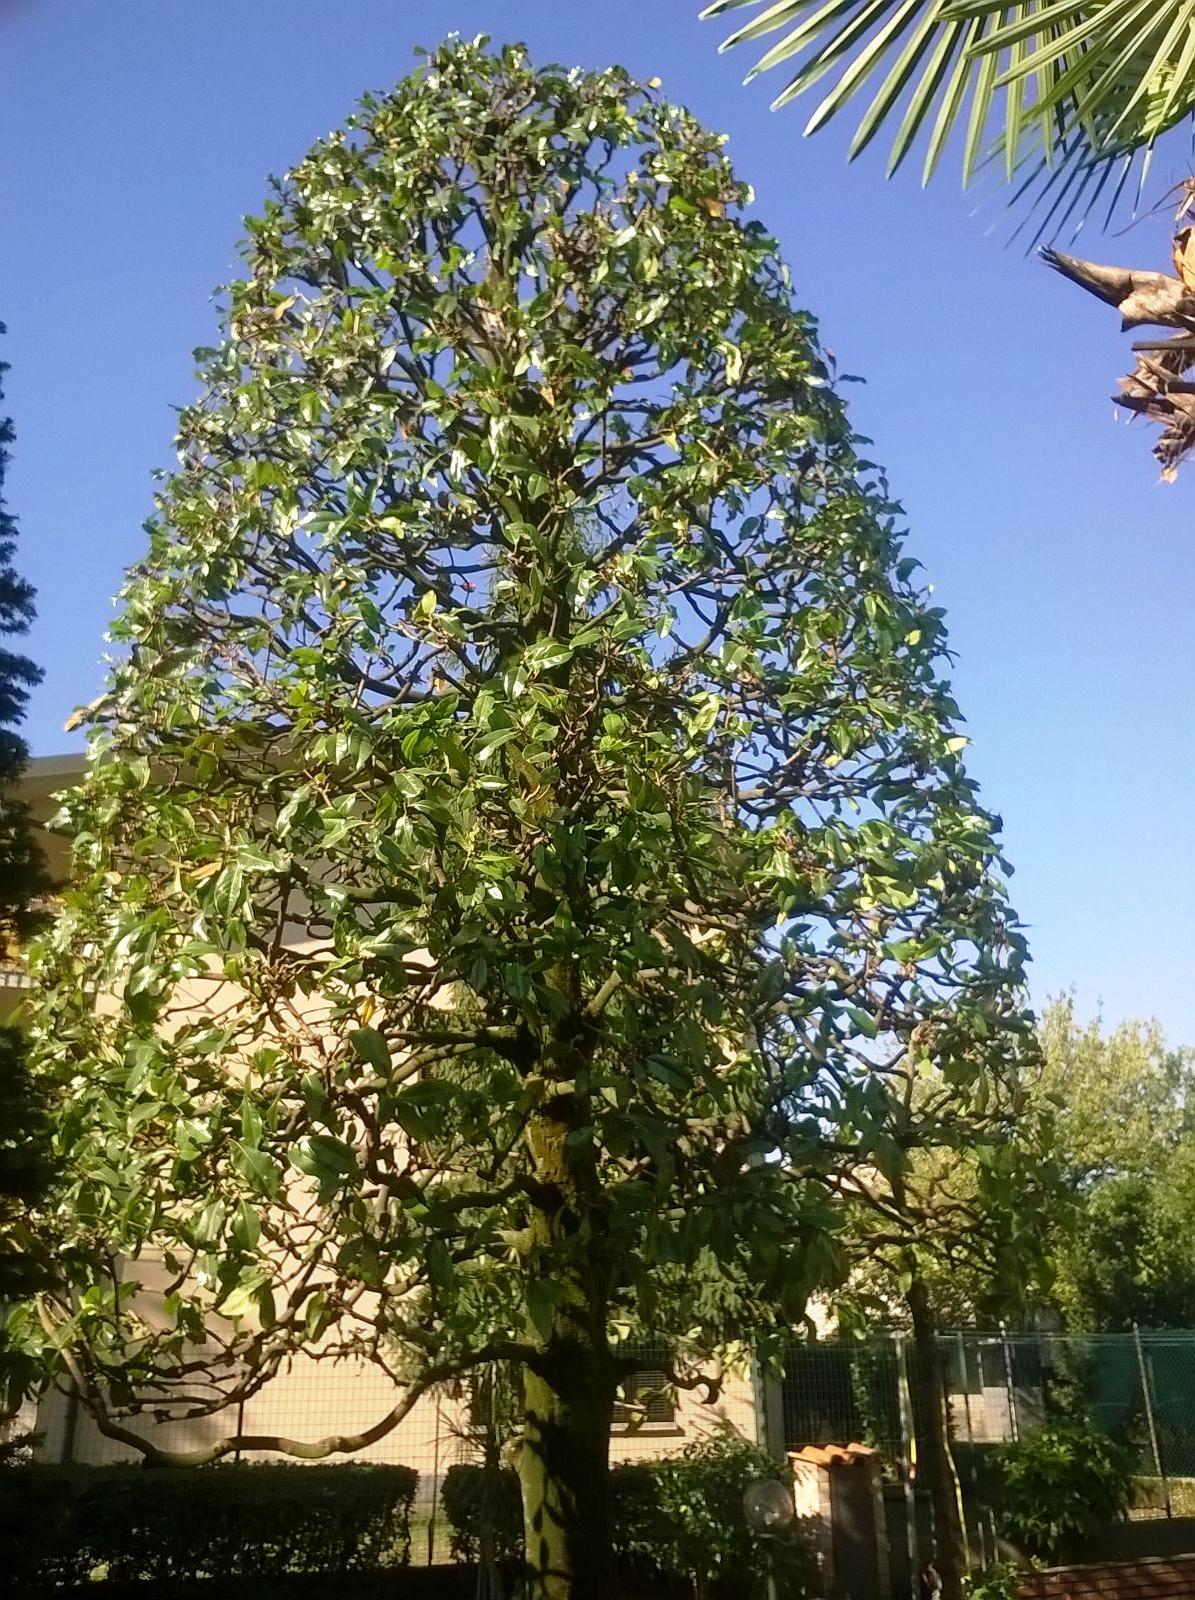 veduta di un albero ad alto fusto